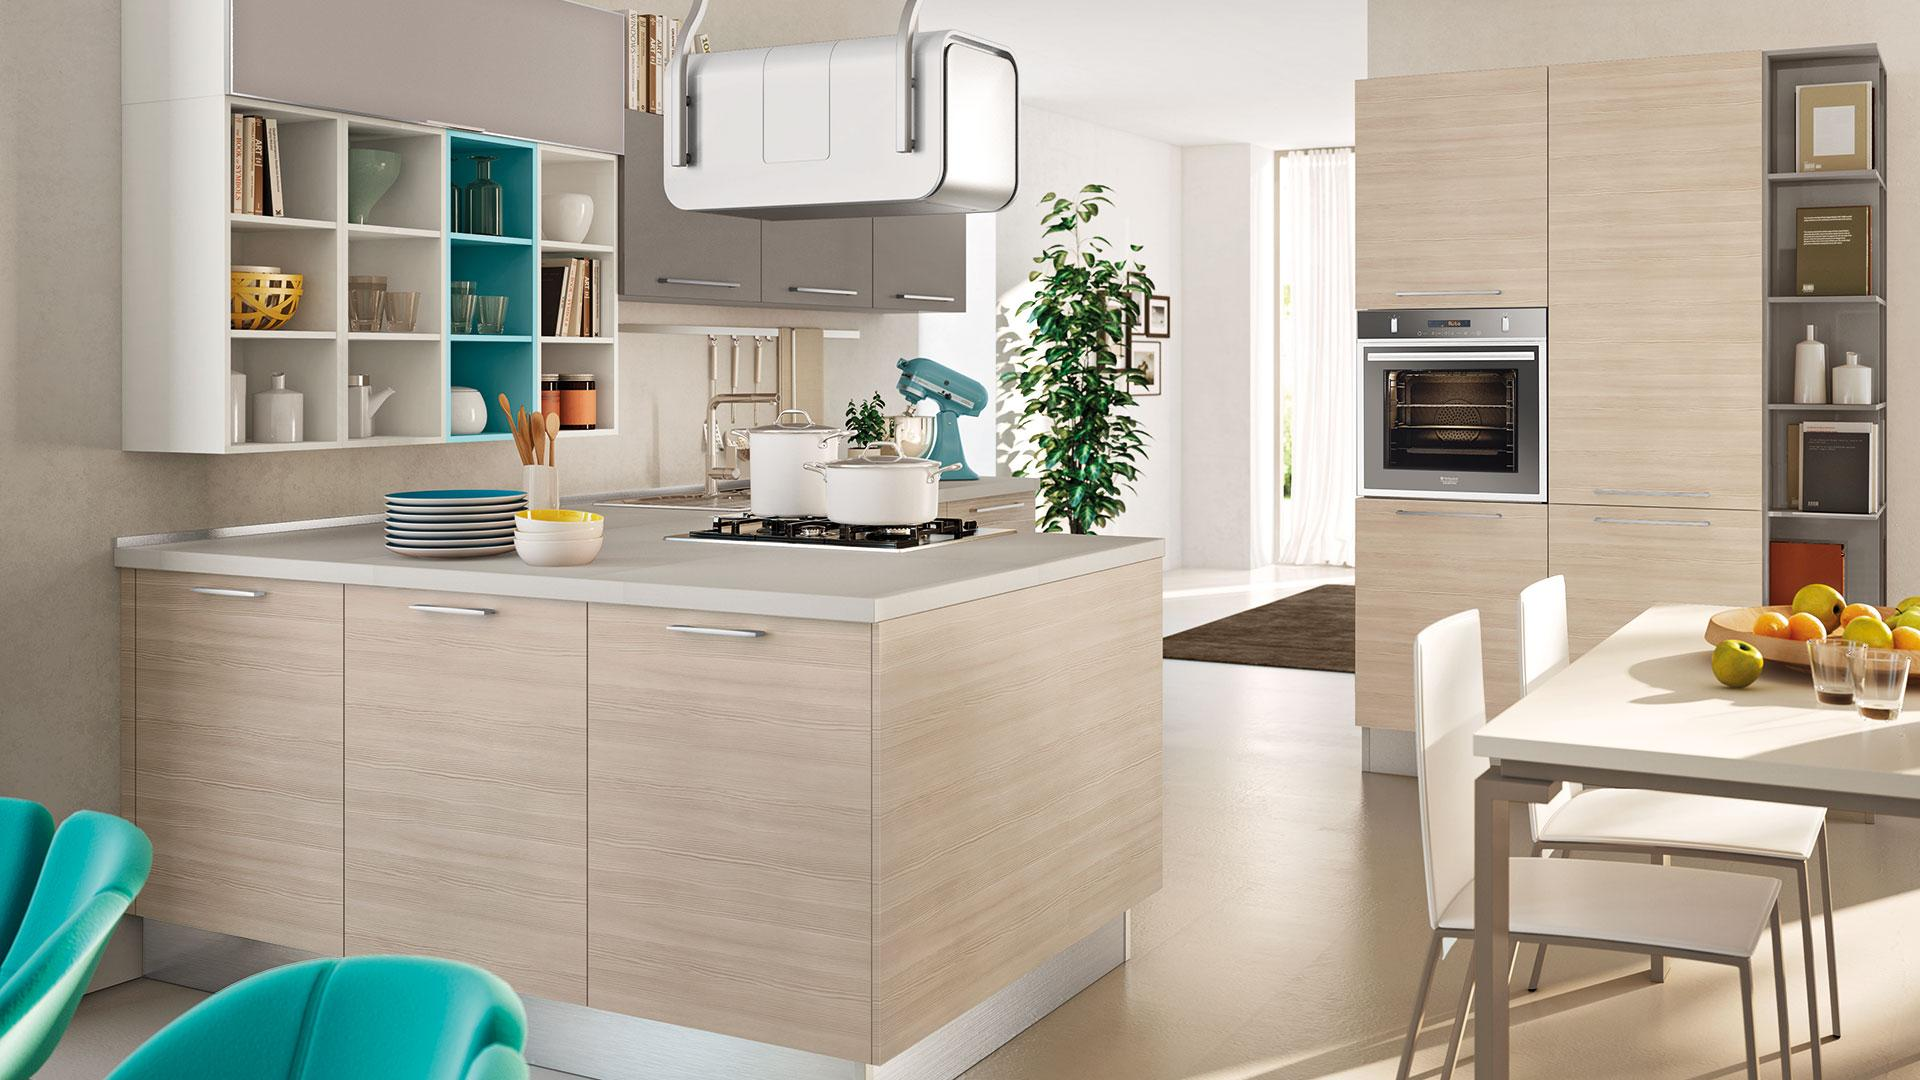 I consigli per arredare una cucina quadrata senza errori lube store milano le cucine lube - Idee per arredare la cucina ...